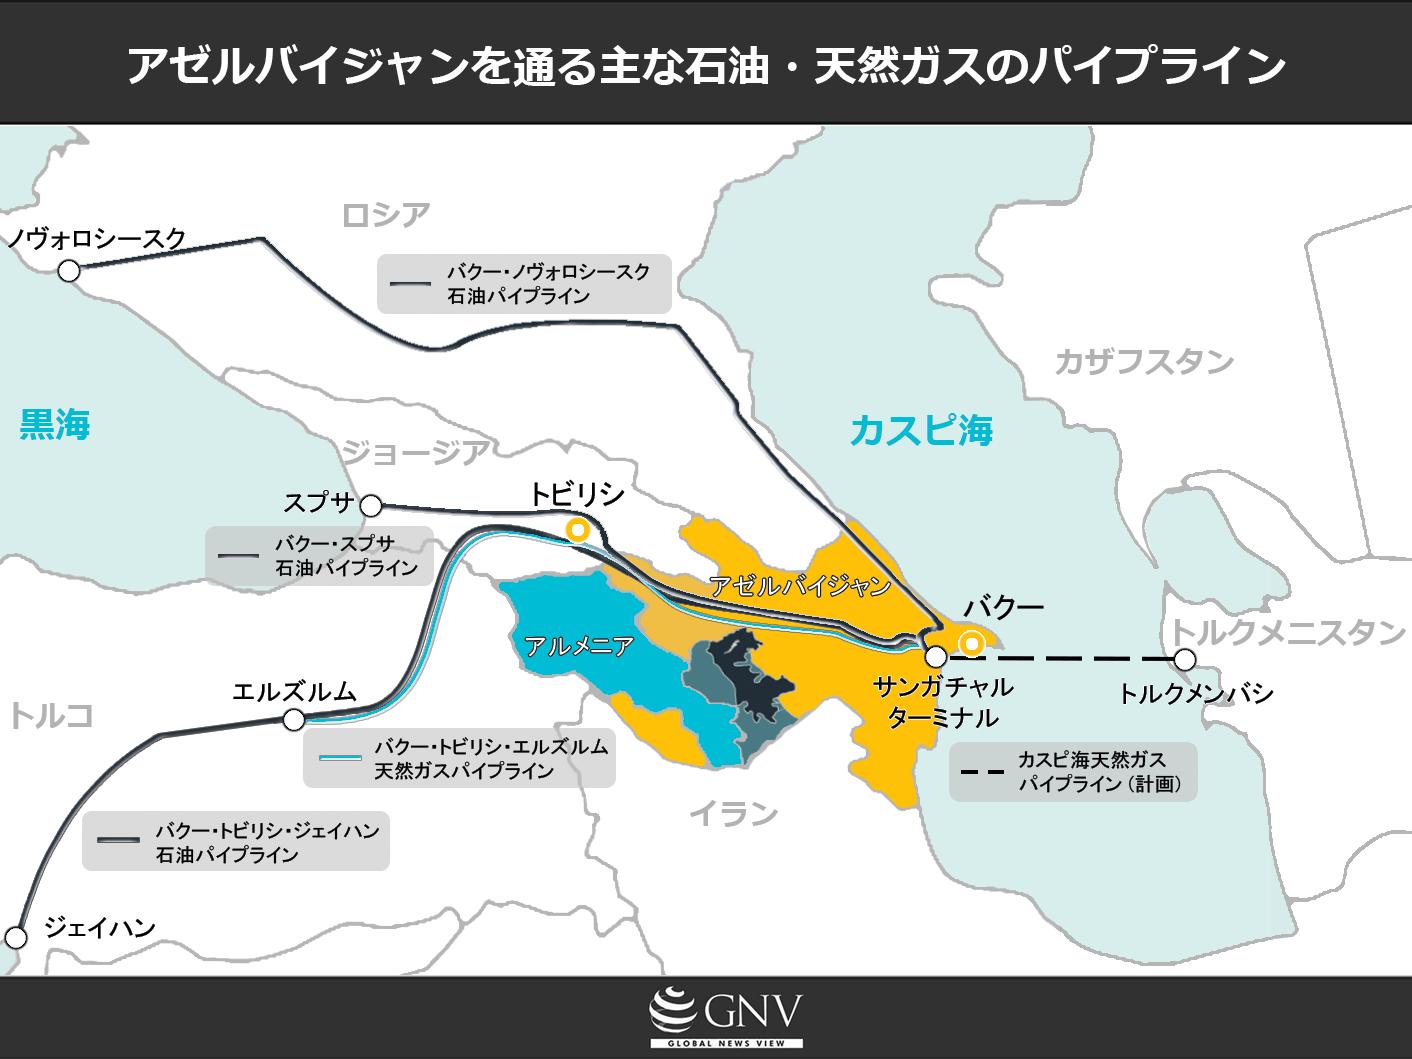 アゼルバイジャンを通る石油・天然ガスのパイプライン